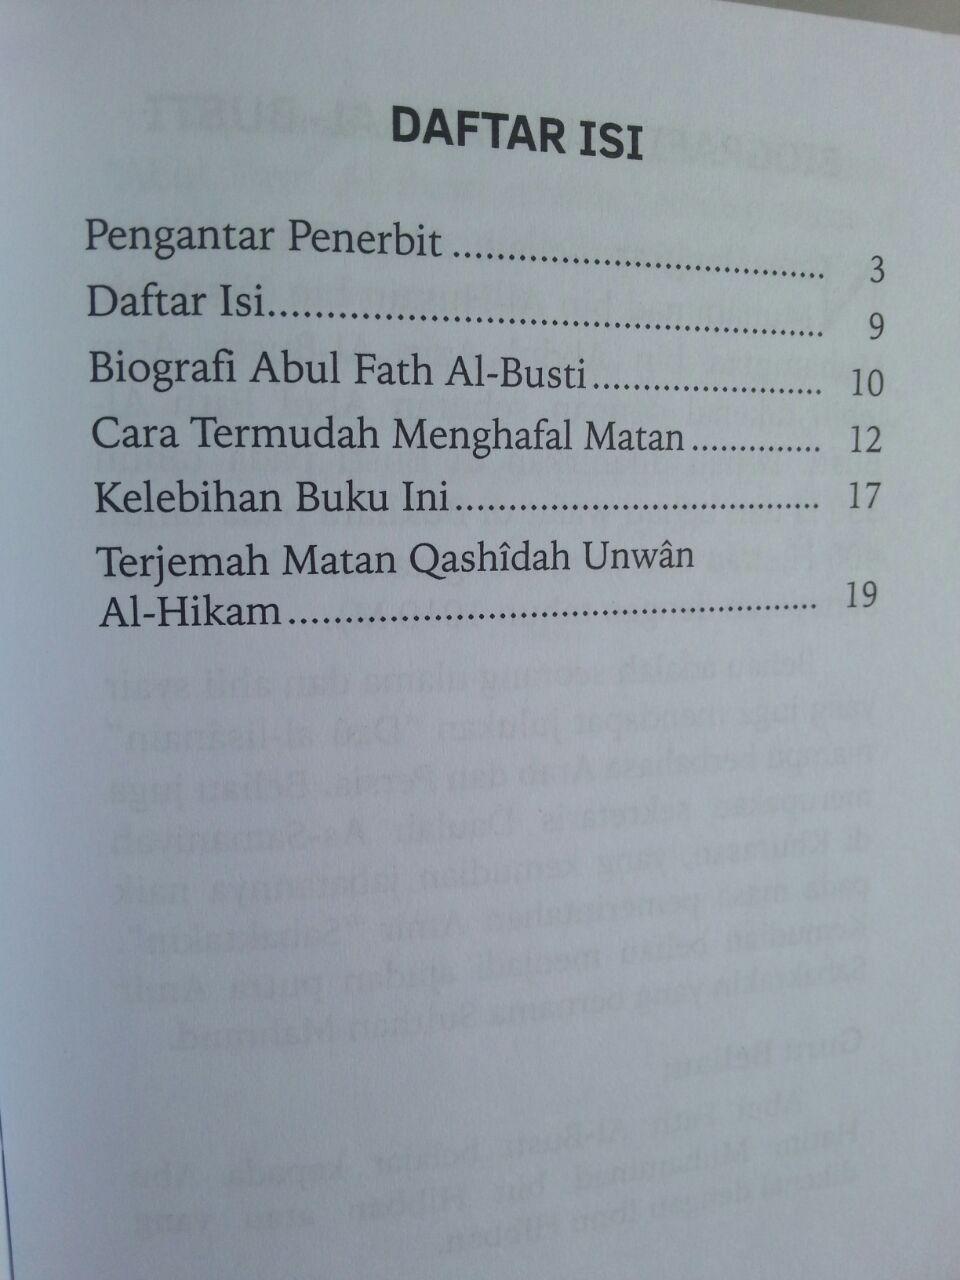 Buku Saku Qashidah Unwanul Hikam Syair Pokok Hikmah Adab isi